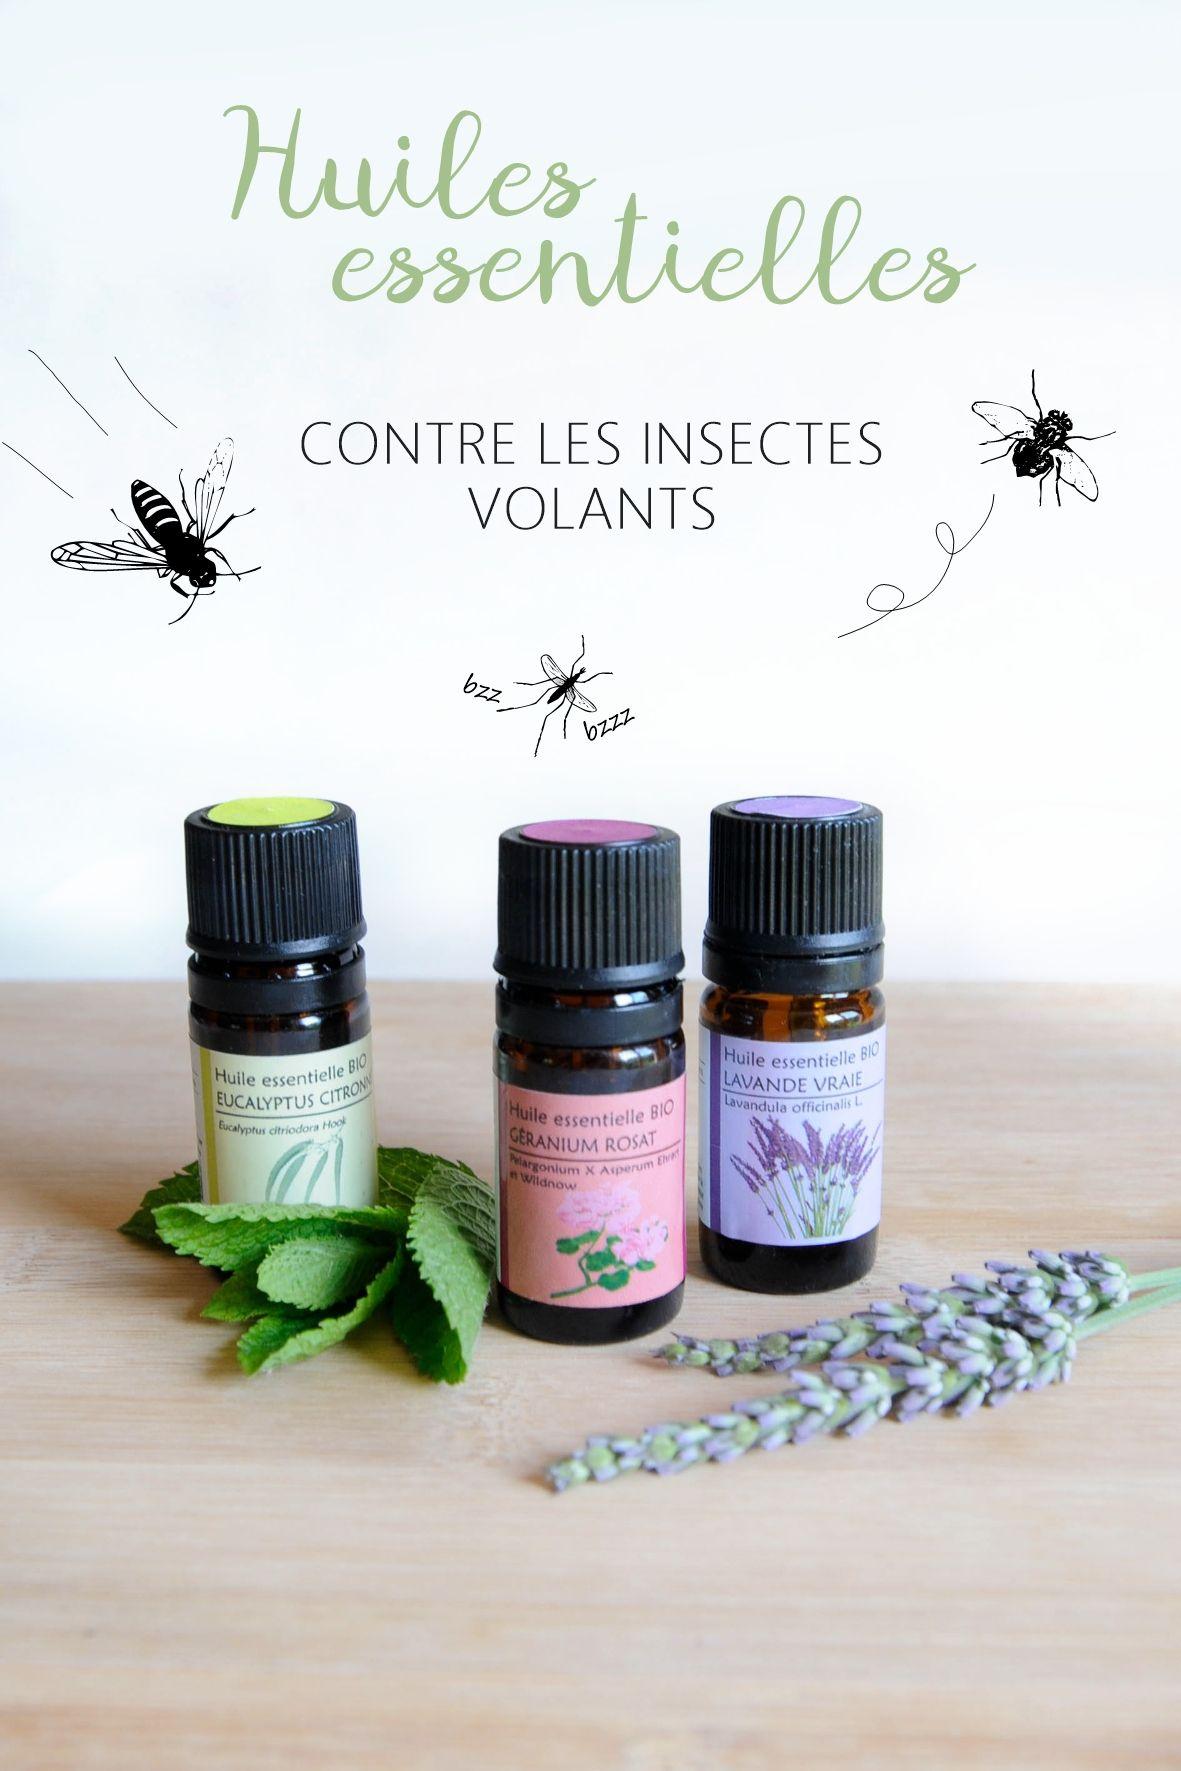 Remede De Grand Mere Contre Les Moucherons Dans La Maison mes huiles essentielles contre les insectes | huiles